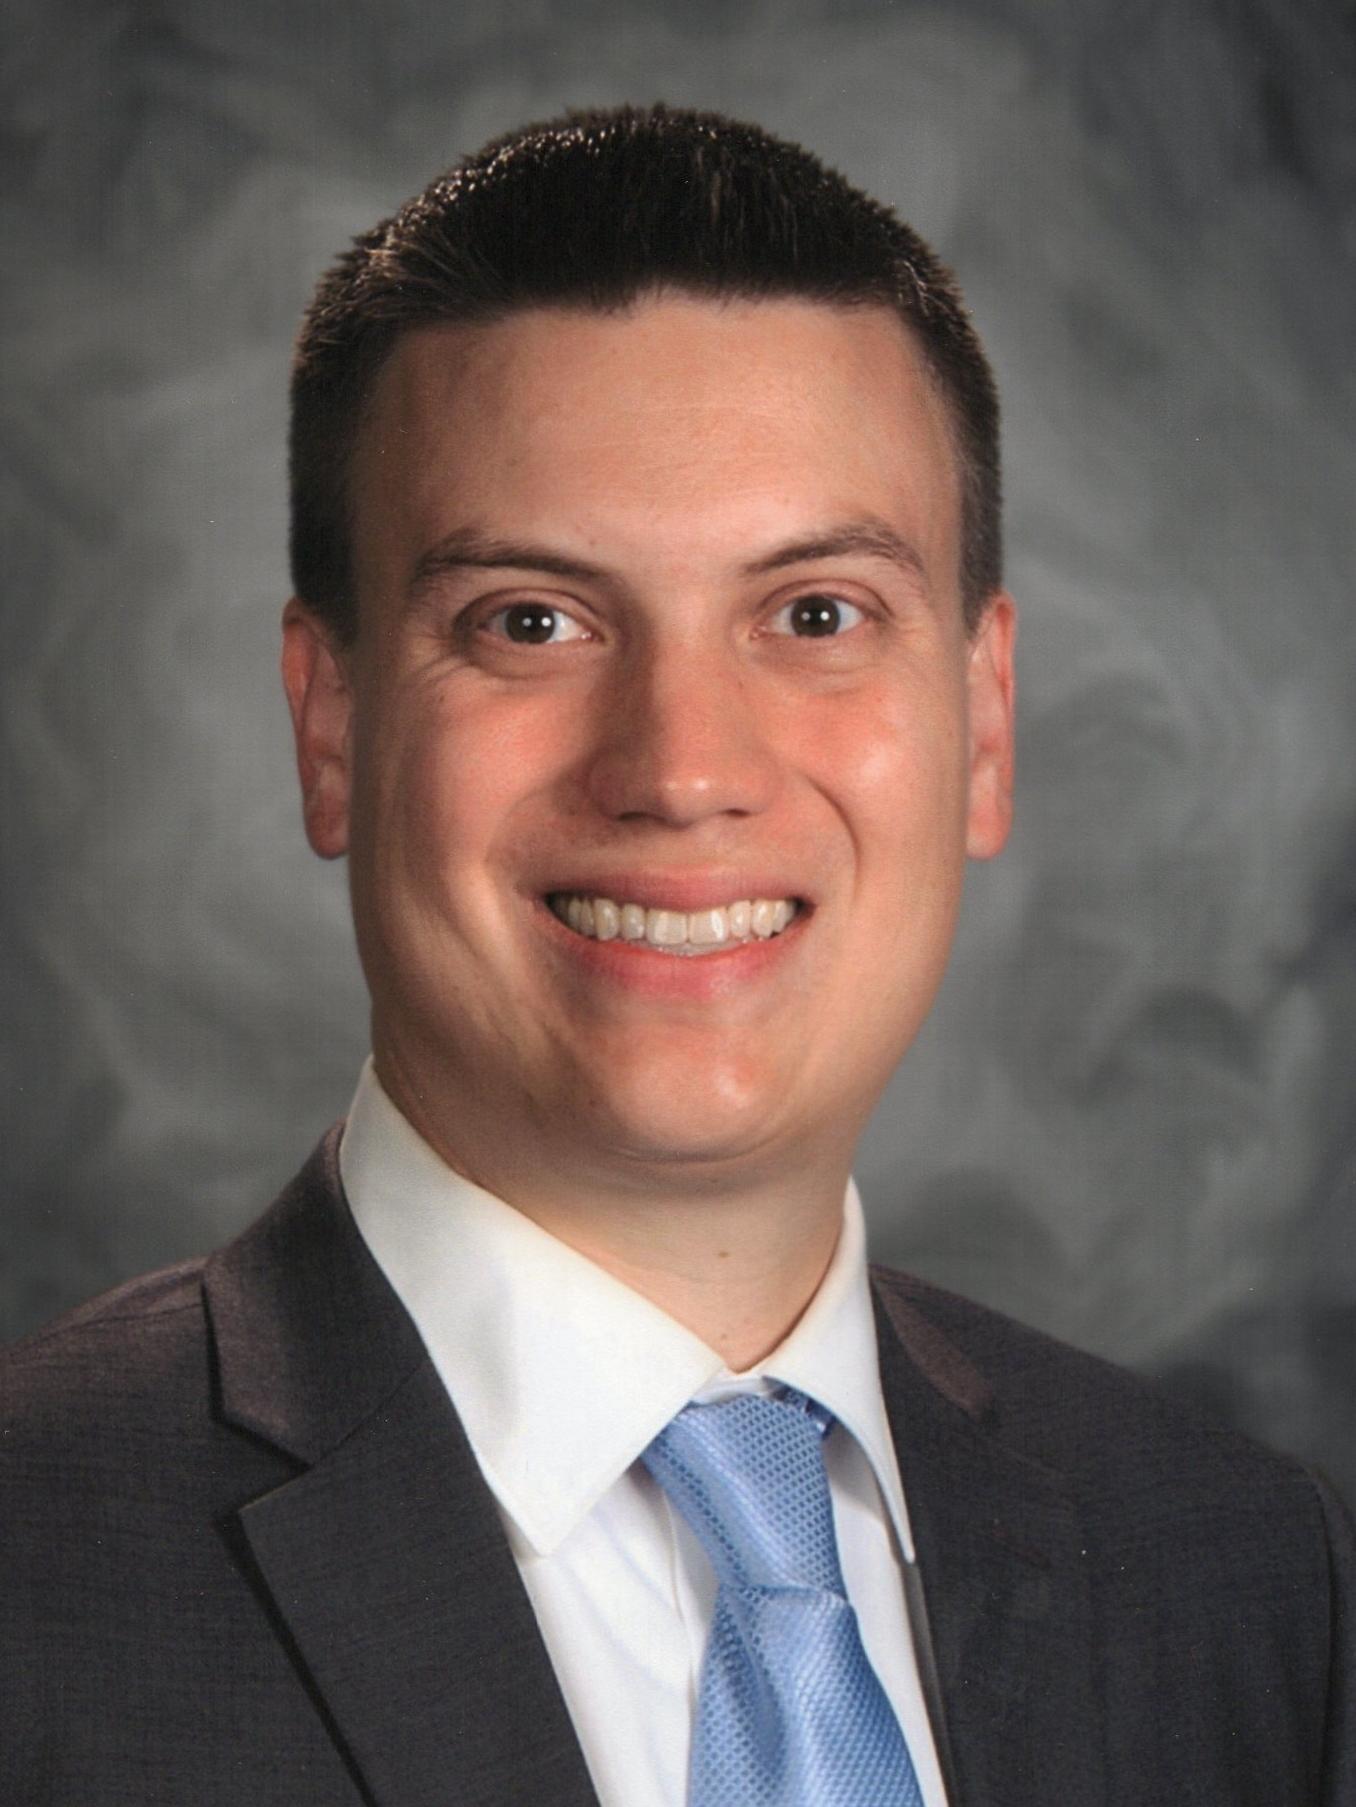 Brian Estrada